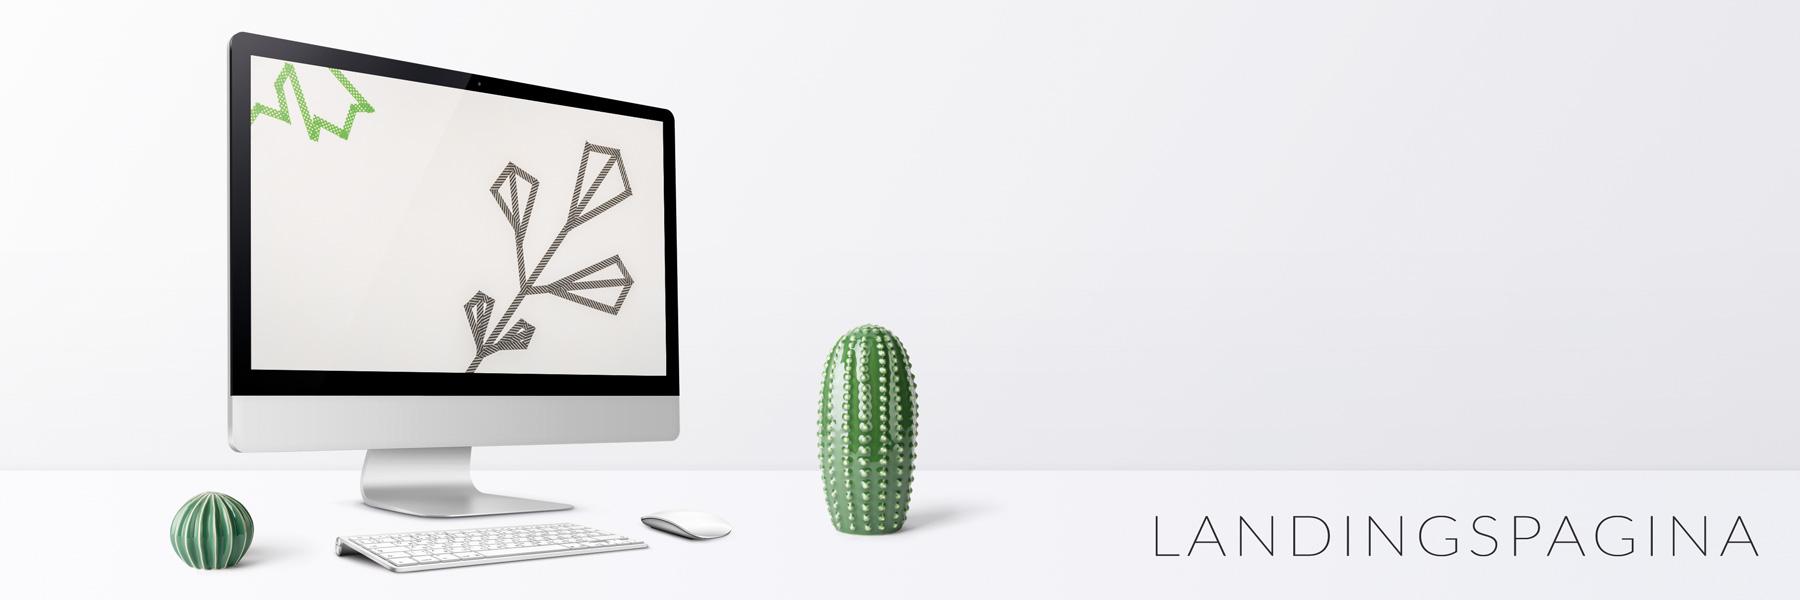 Website ontwerp - Landingspagina - Een pagina om informatie snel en makkelijk te vinden